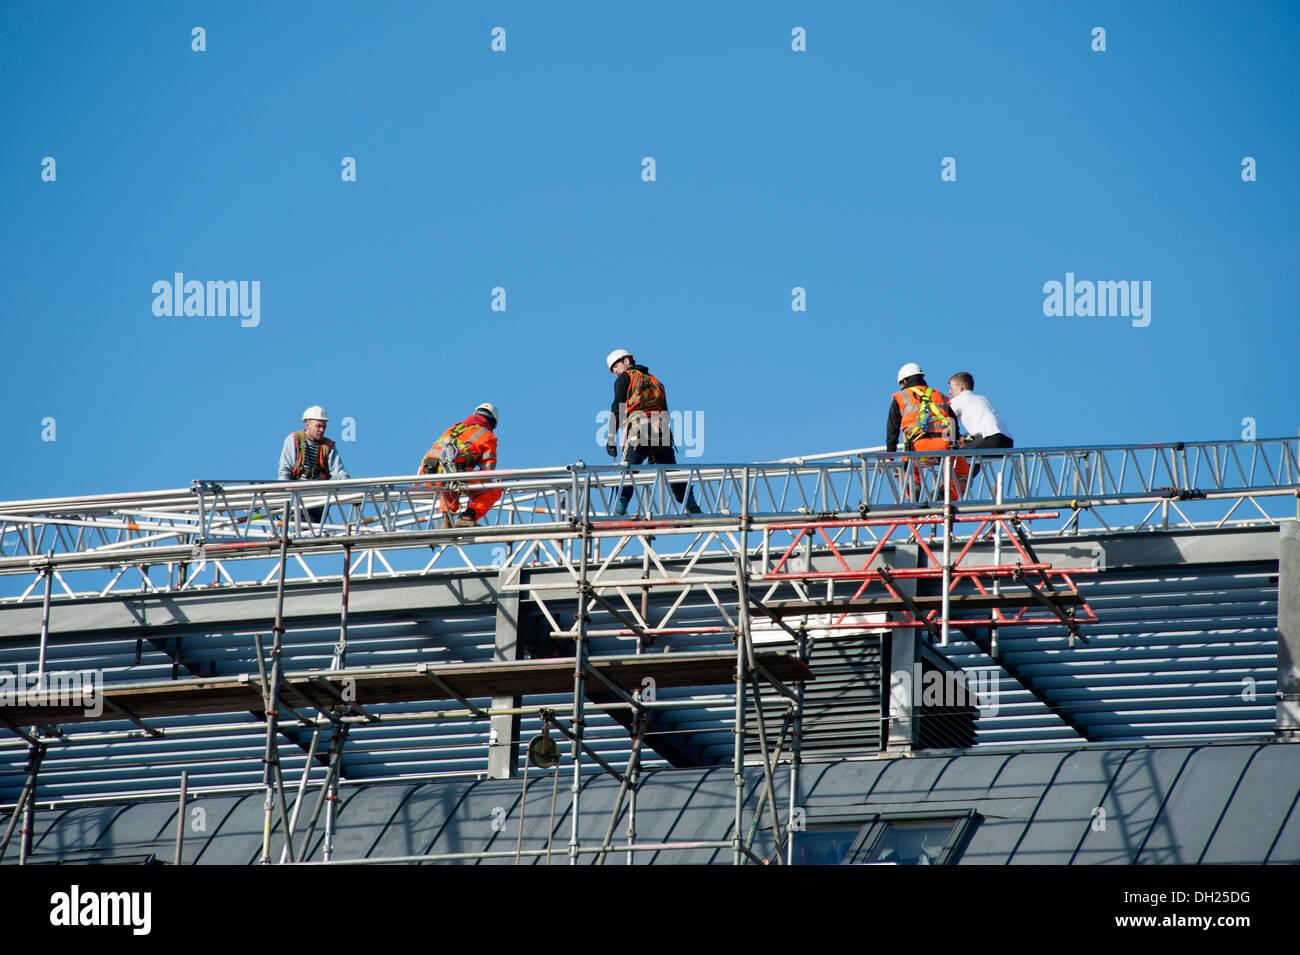 Dachdecker arbeiten auf Gerüsten Sicherheit Gurt H & S Stockbild